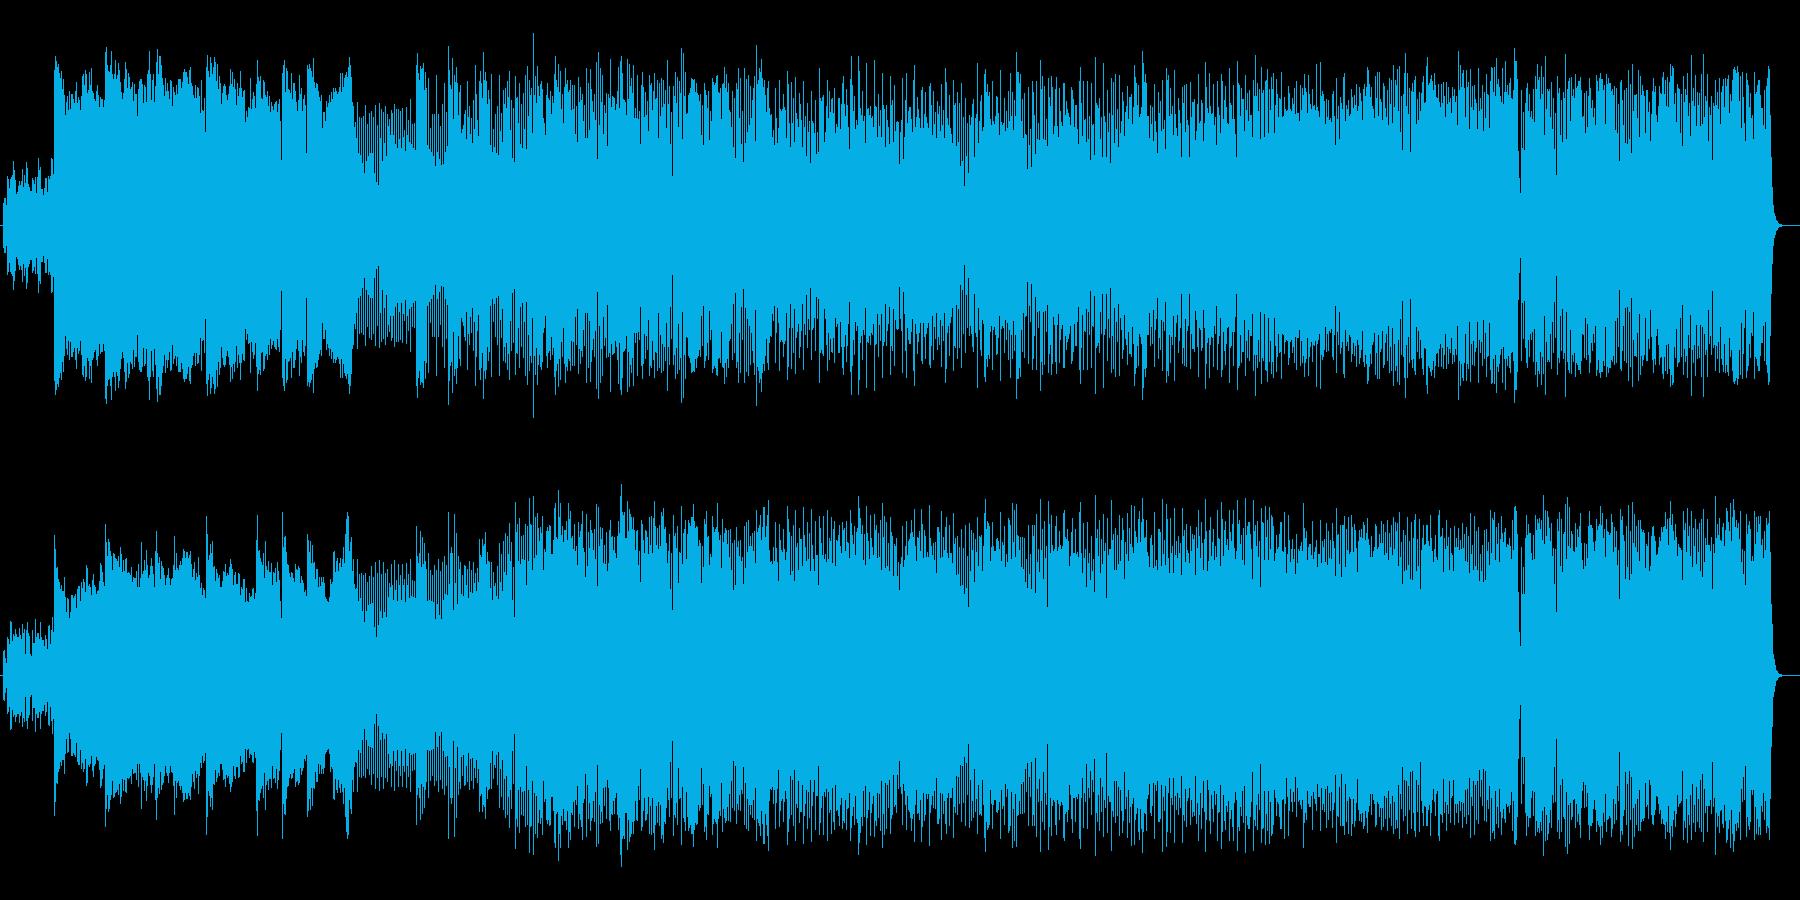 FMシンセを使った爽やかな8ビートの再生済みの波形